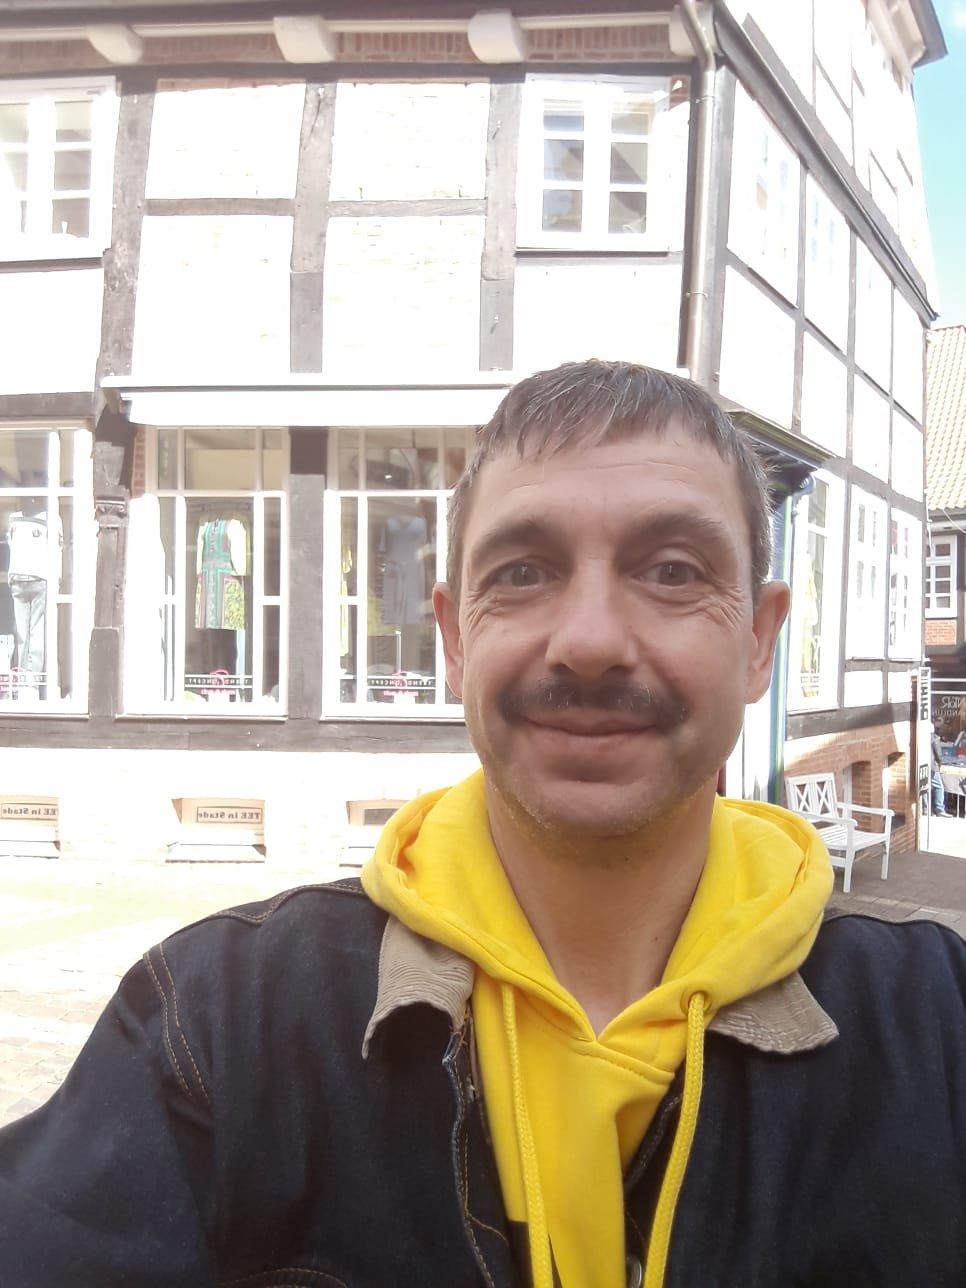 Mike Molling  aus Niedersachsen,Deutschland